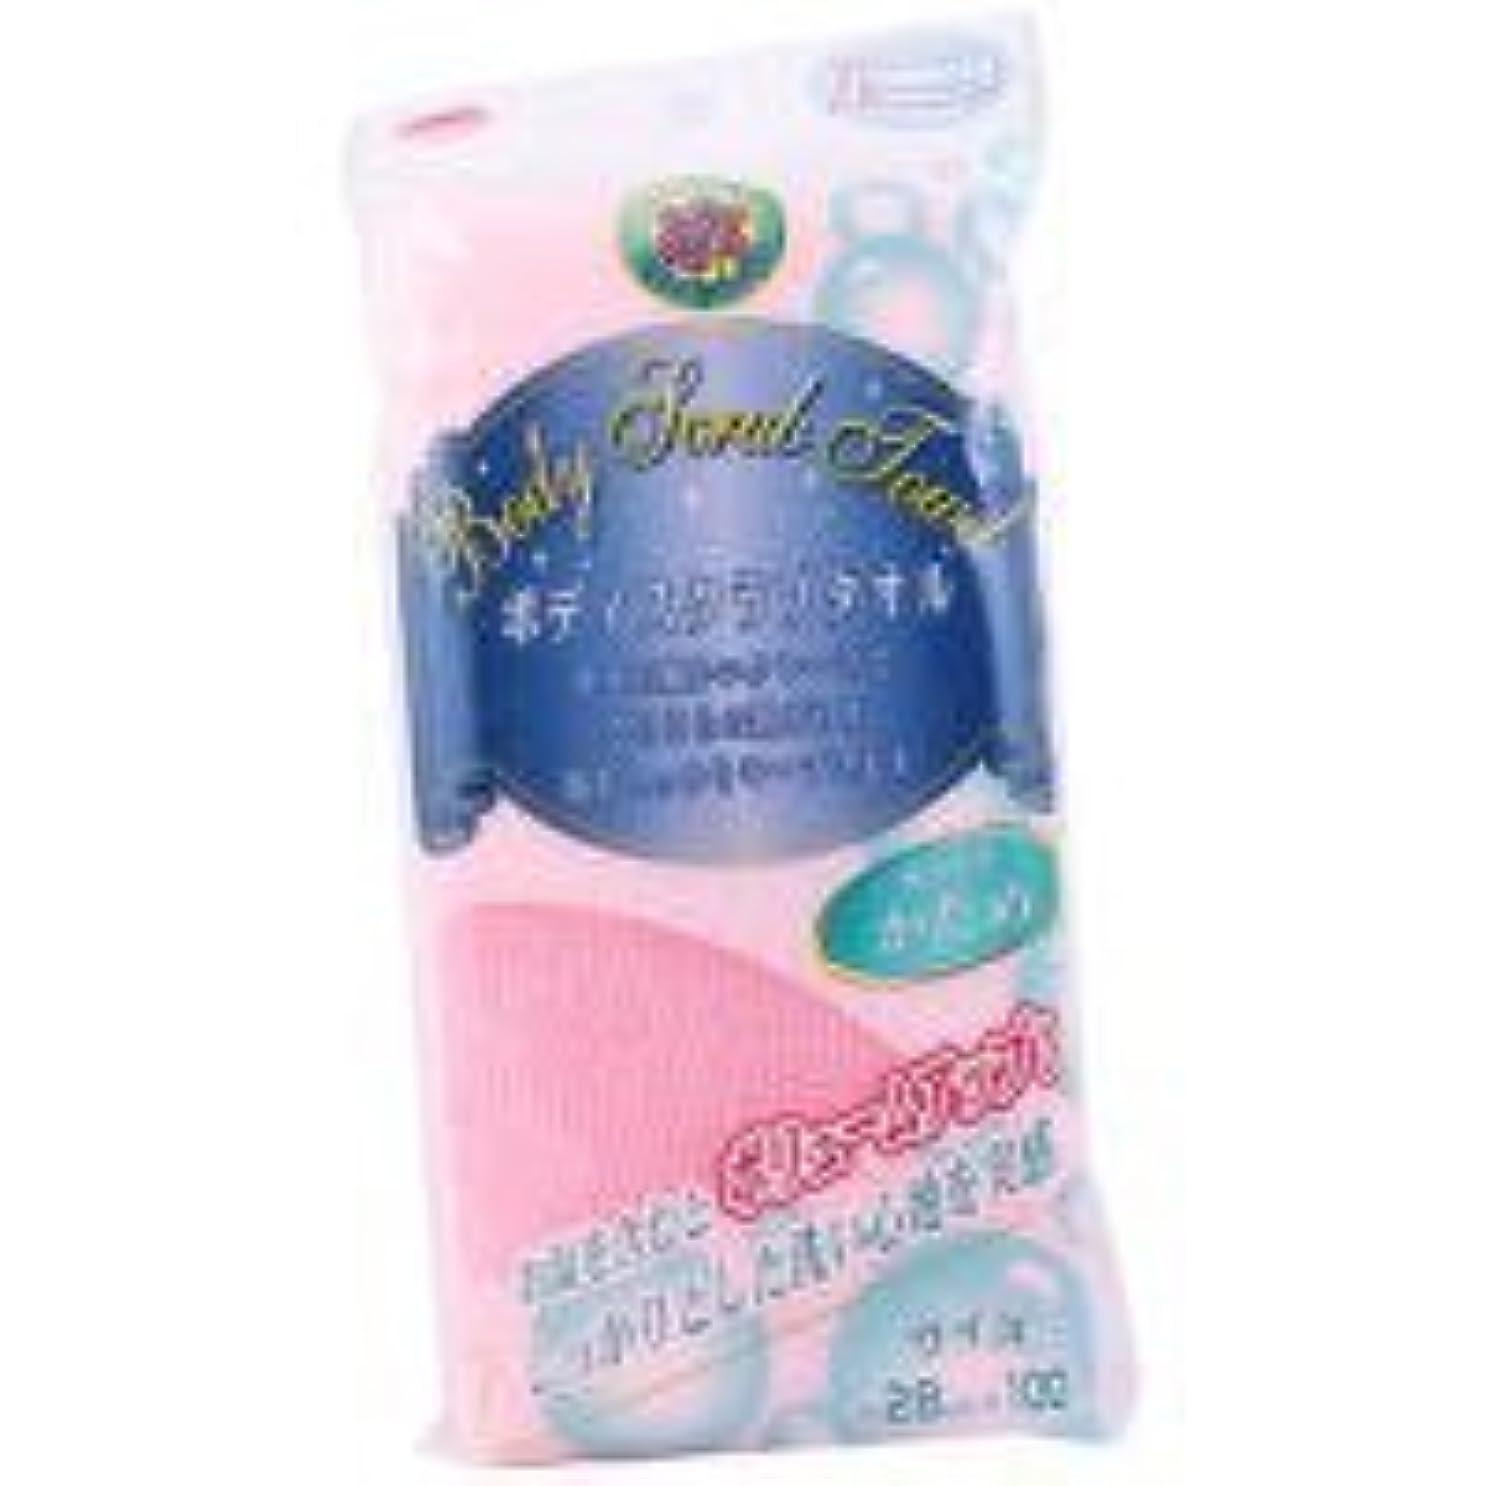 ティーンエイジャーペグ解凍する、雪解け、霜解けボディスクラブタオル硬め ピンク